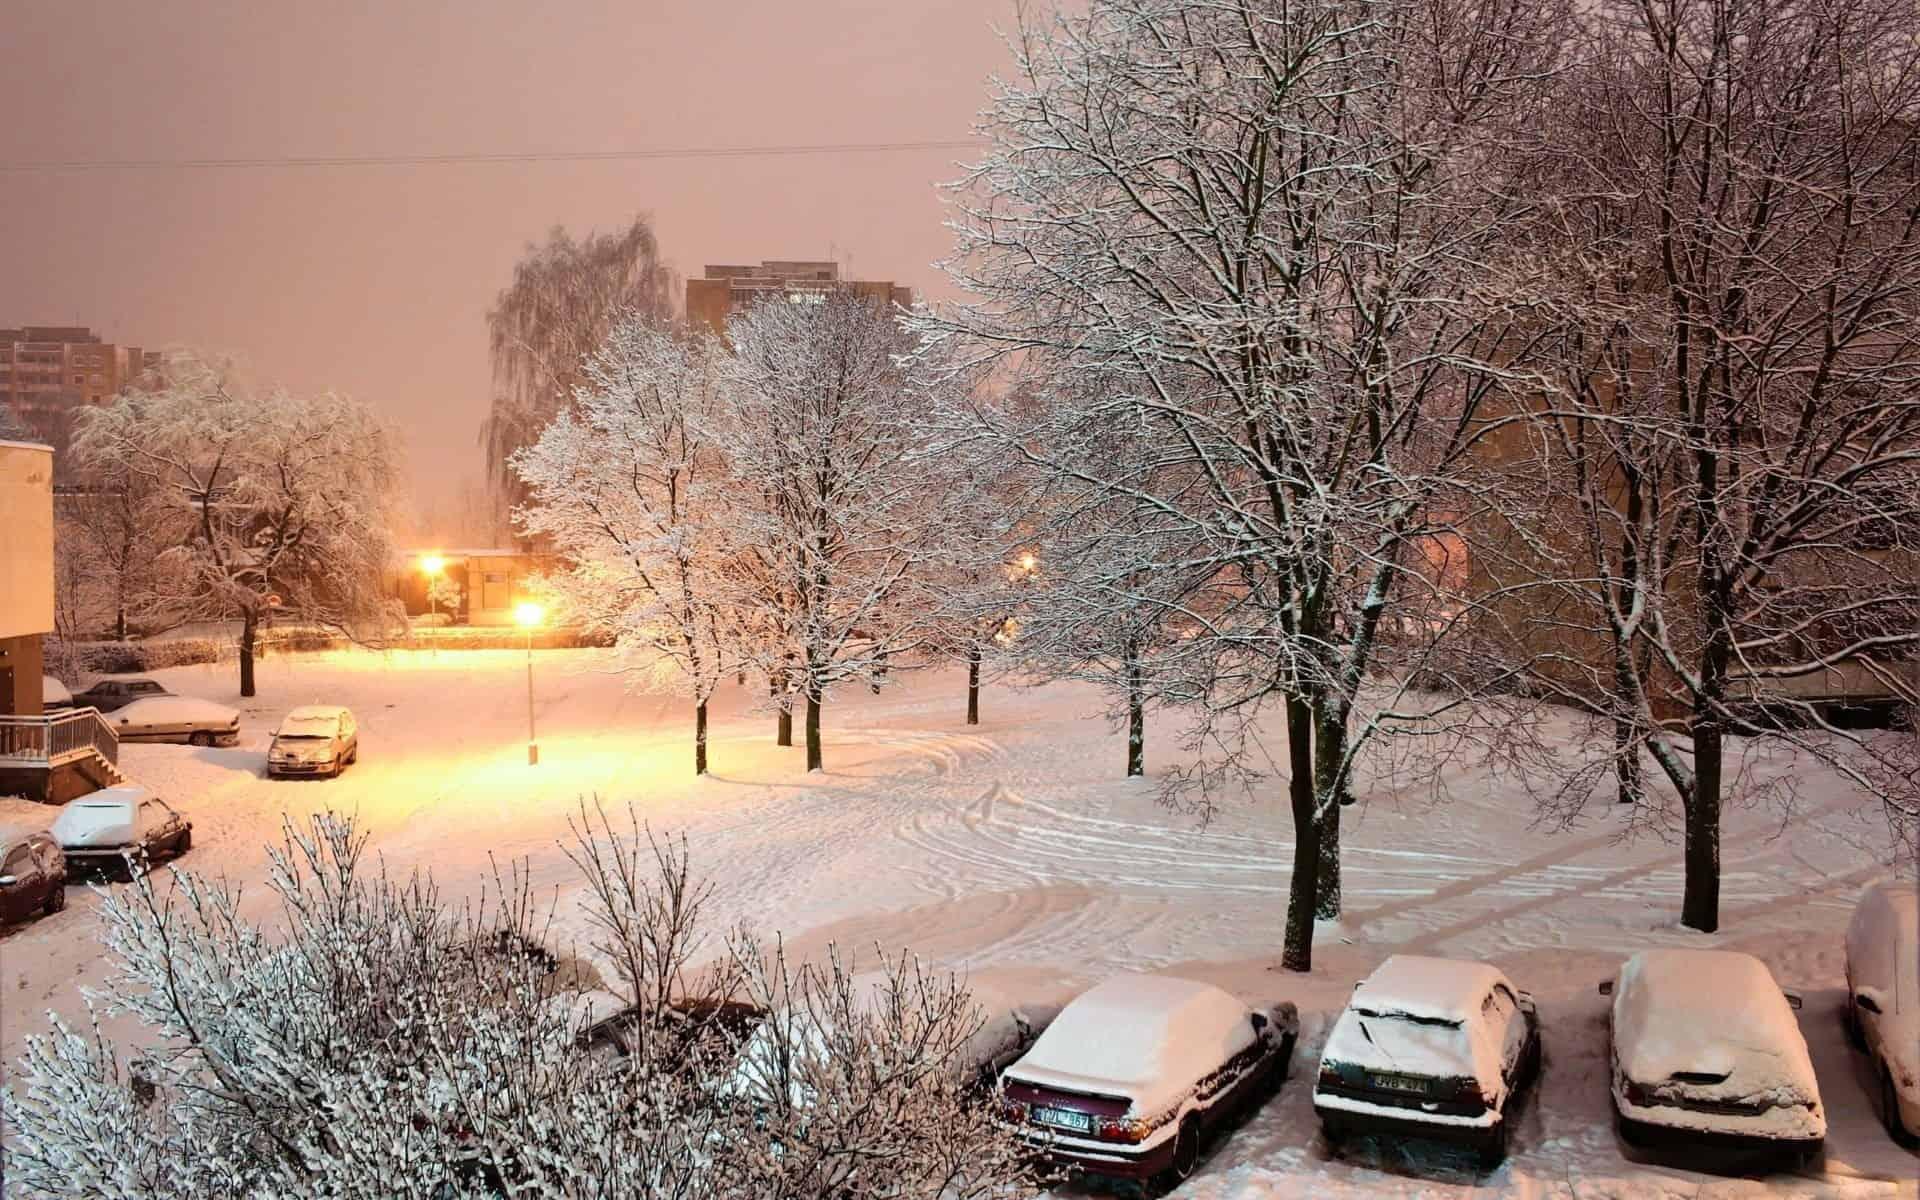 картинки снежность в городе этой этнической группы